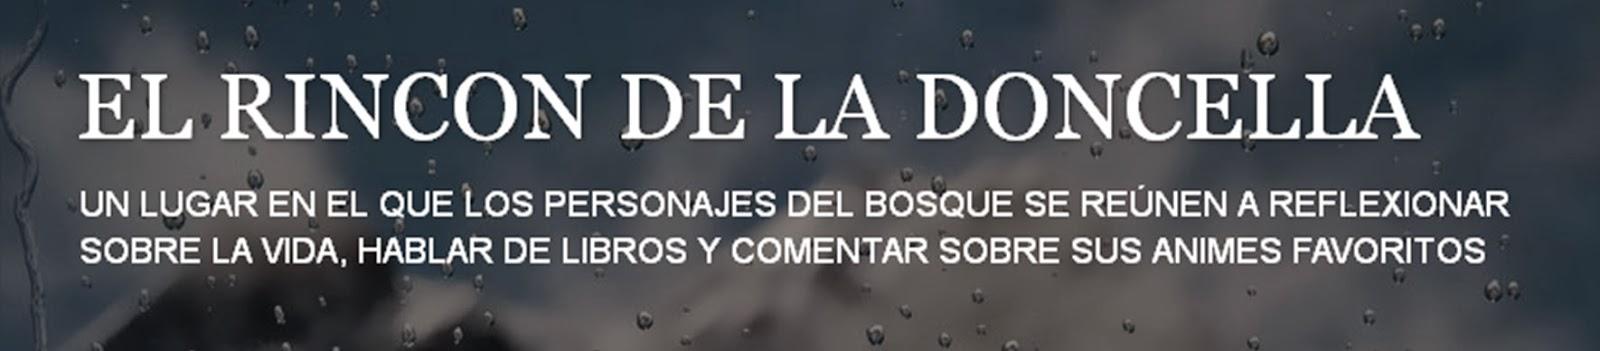 http://elrincondeladoncella.blogspot.com.es/